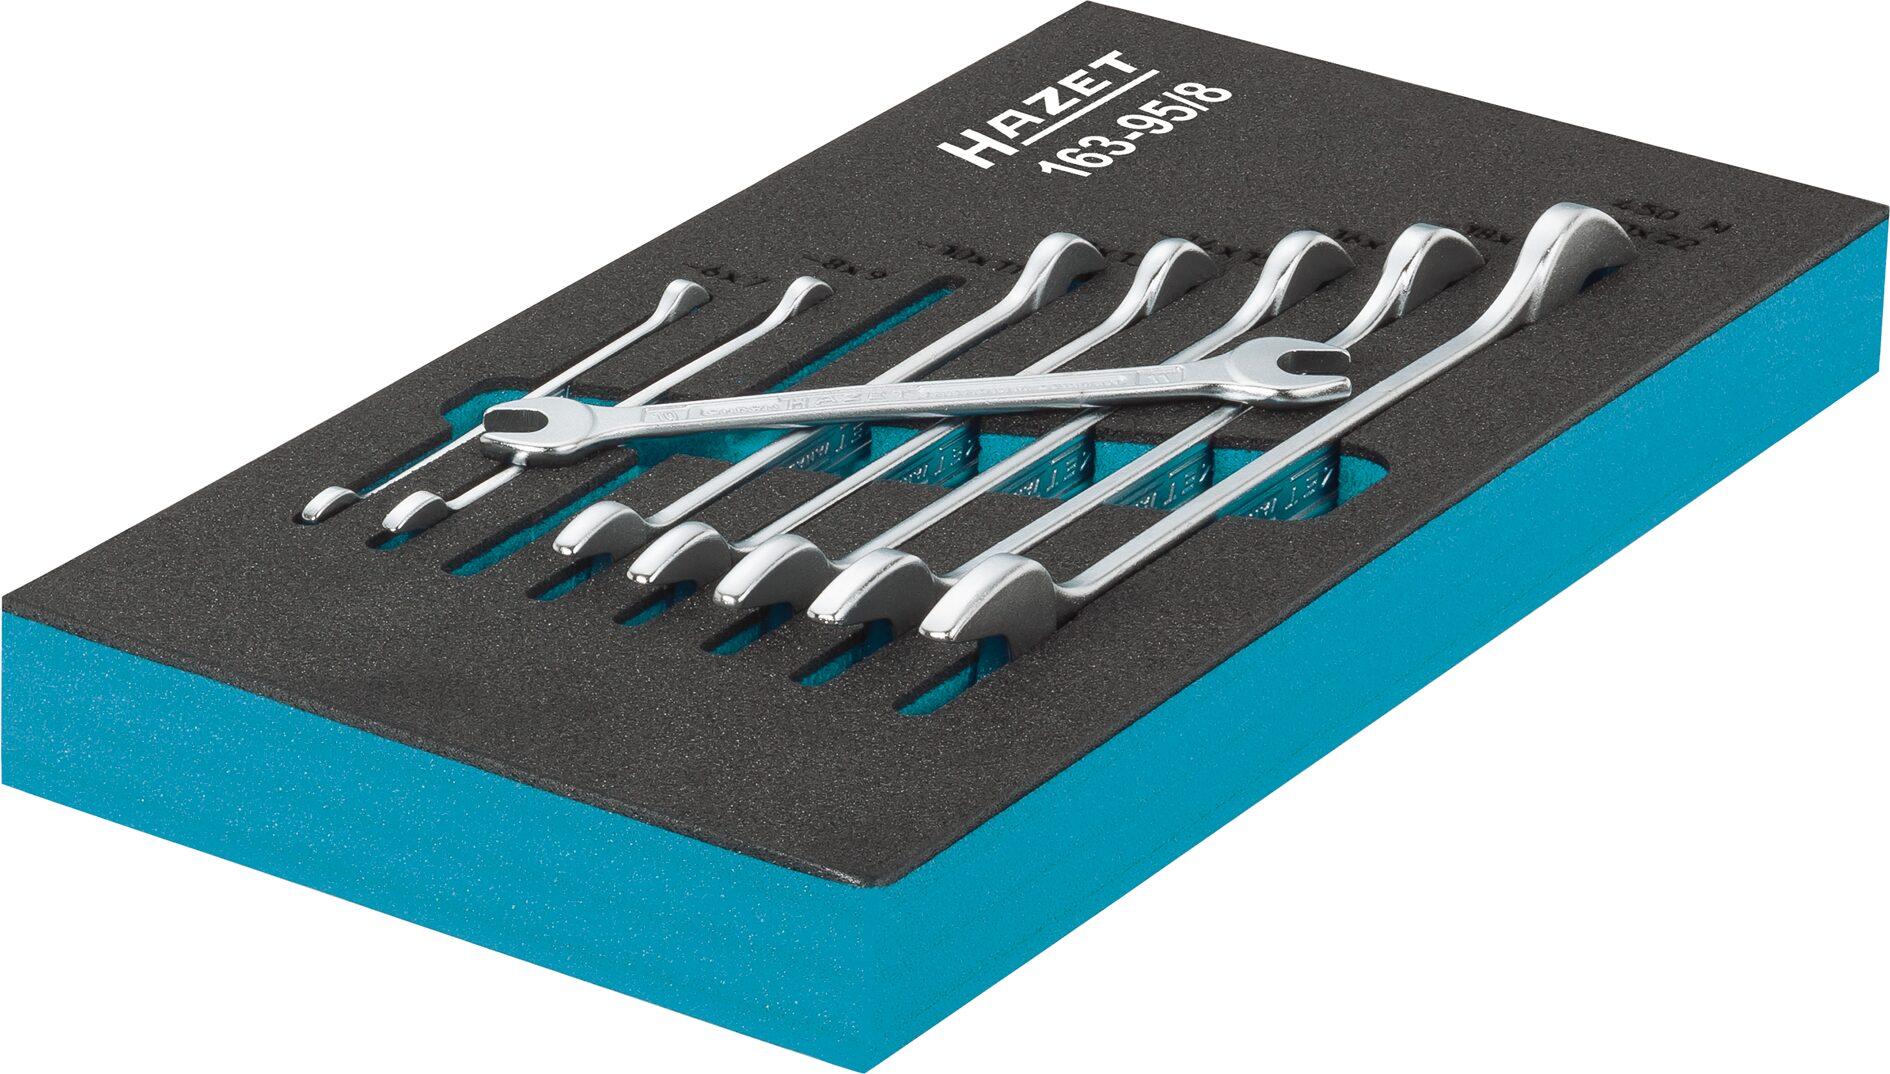 HAZET Doppel-Maulschlüssel Satz 163-519/12 ∙ Außen-Sechskant Profil ∙ 6–36 ∙ Anzahl Werkzeuge: 12